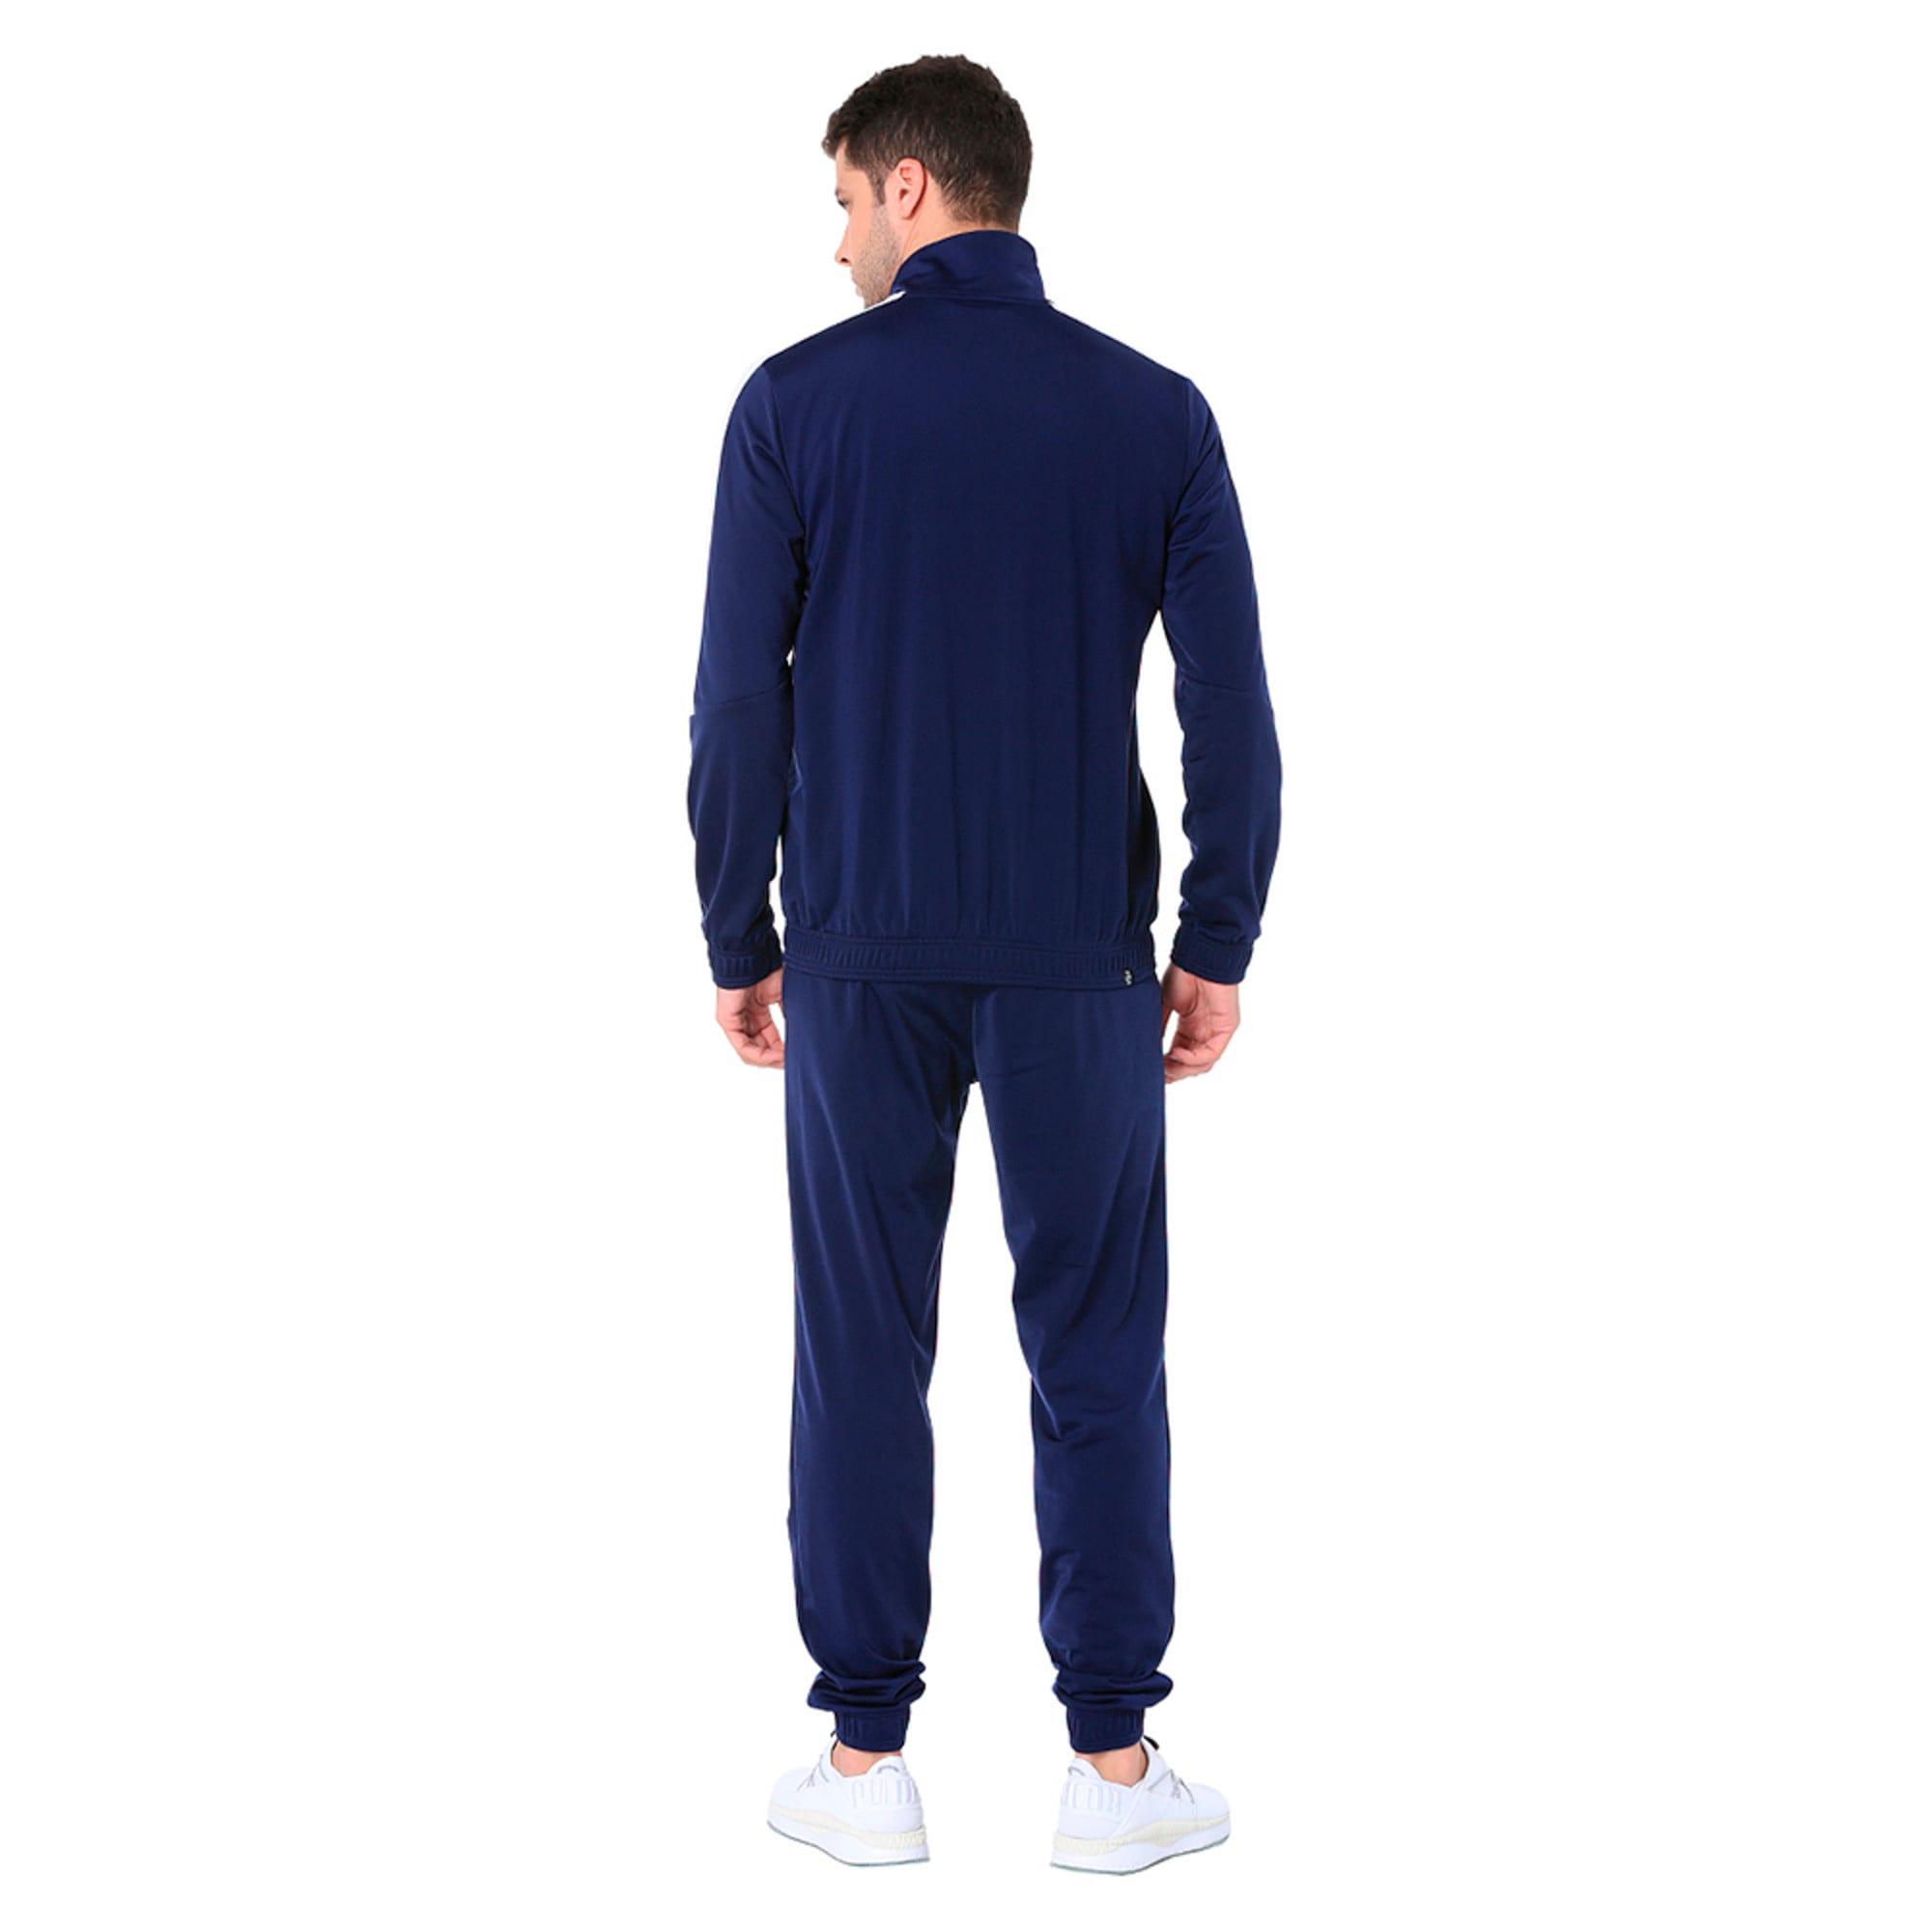 Thumbnail 3 of Classic Tricot Men's Track Suit, Peacoat-Puma White, medium-IND